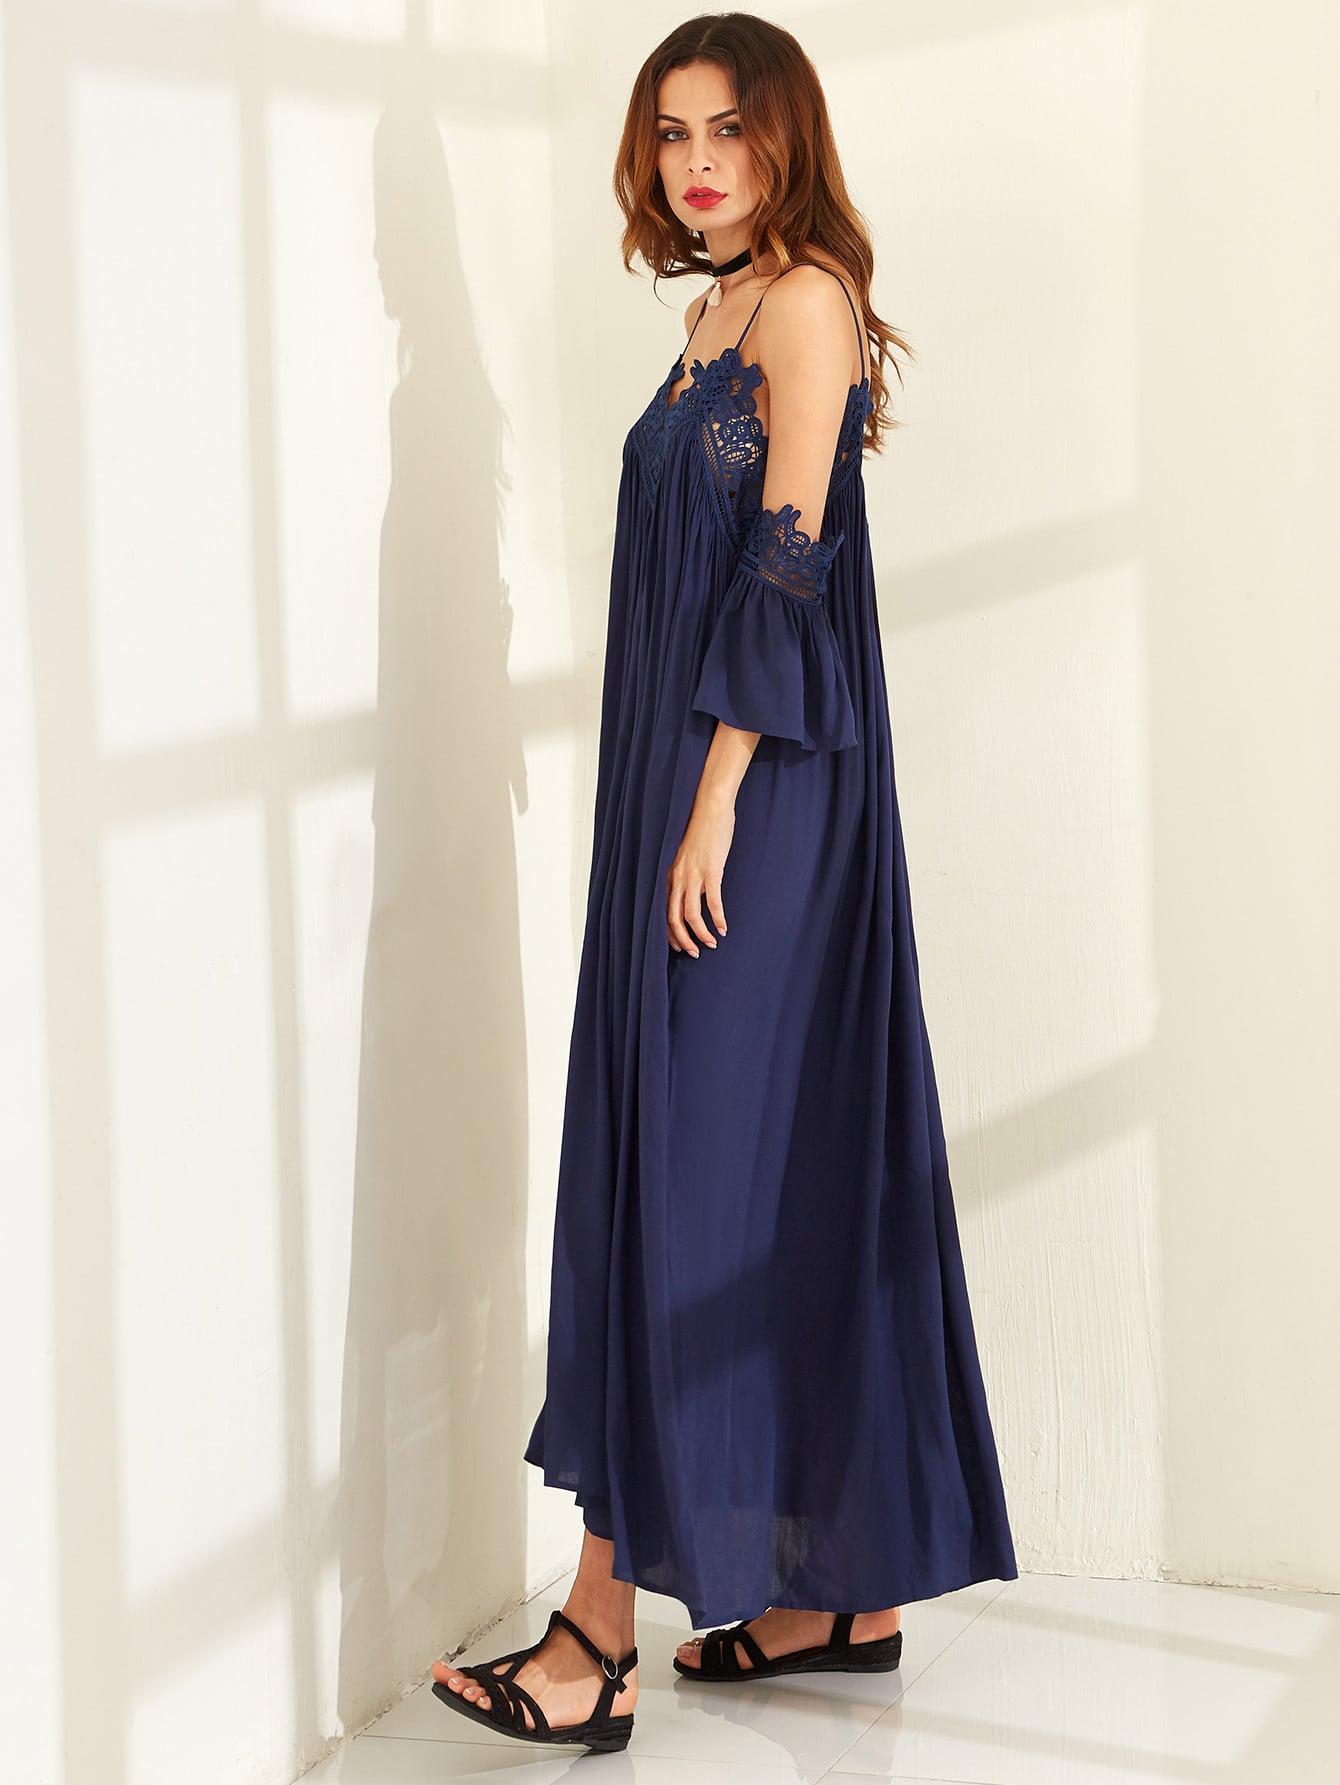 dress160818503_2